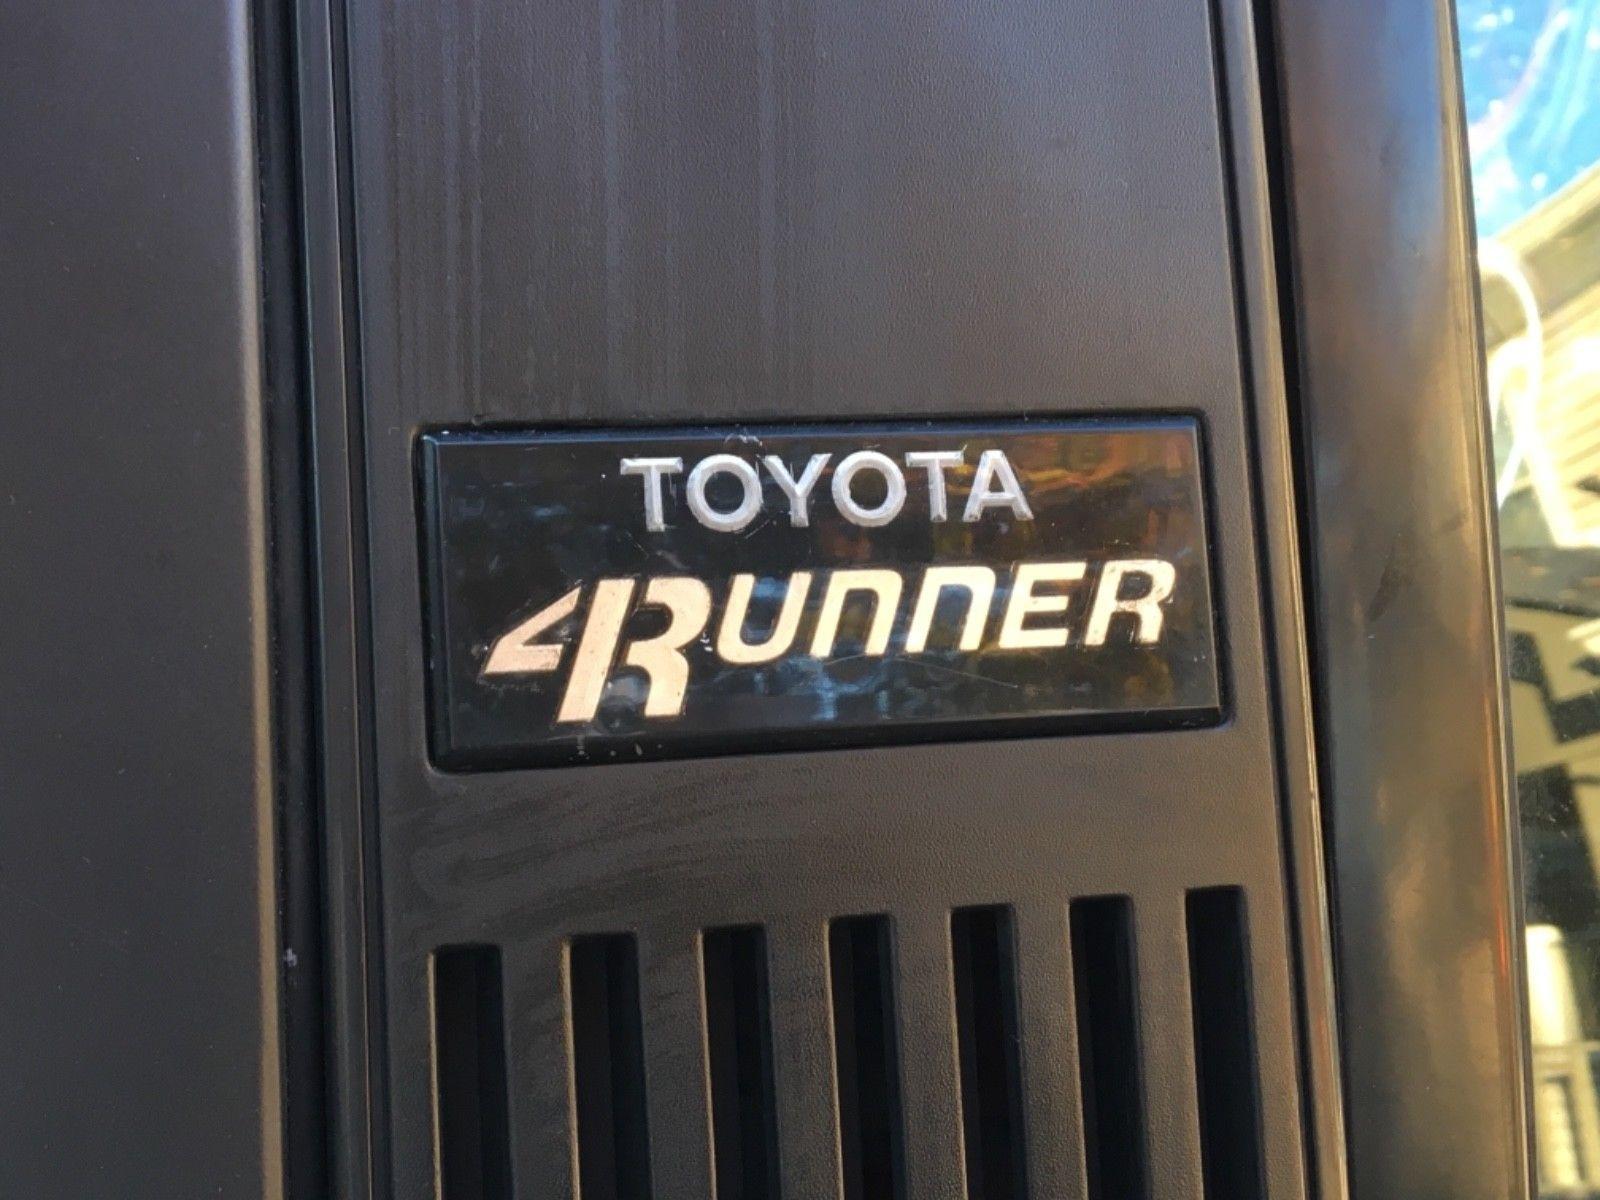 Toyota 4Runner N.c.